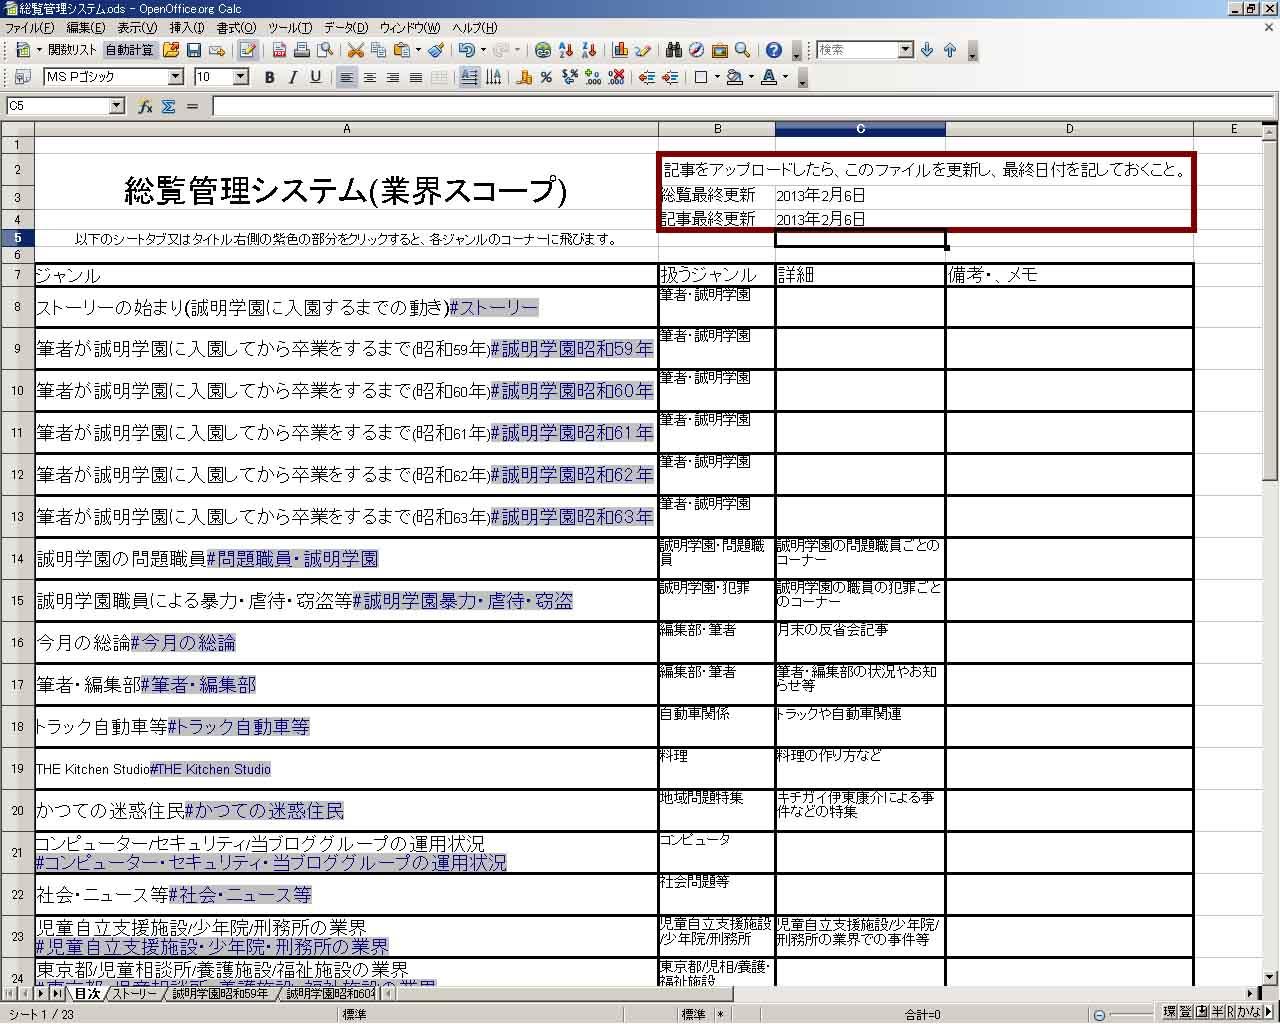 総覧管理システム画面